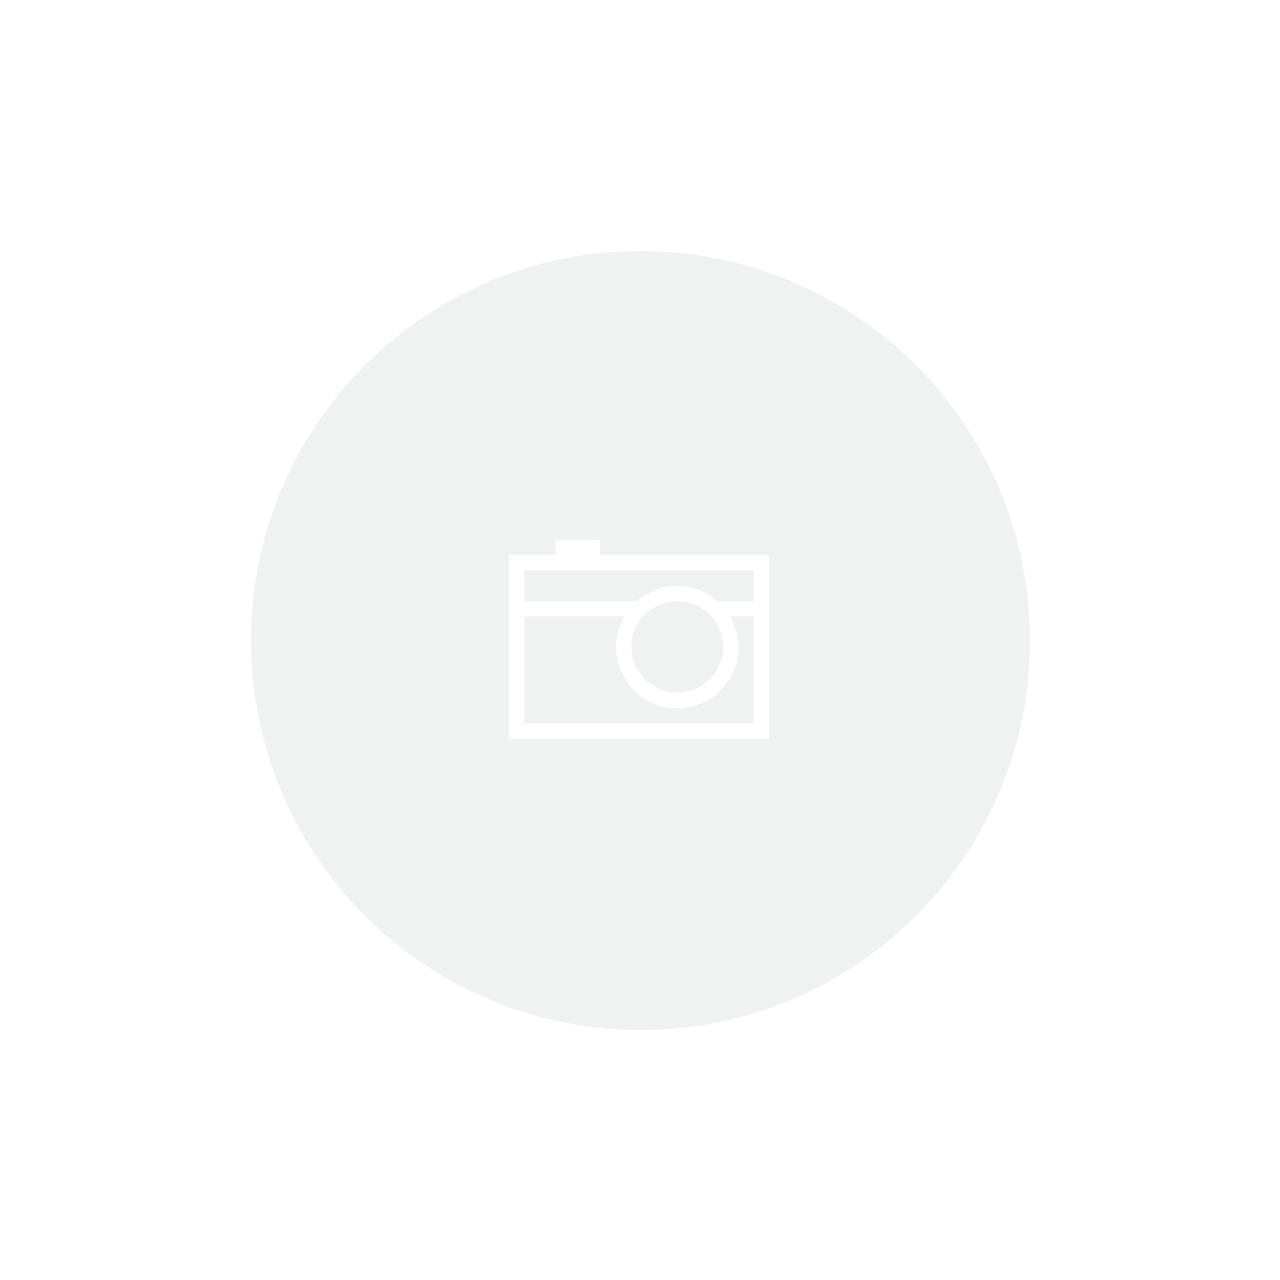 Seléctions Mondiales des Vins OURO